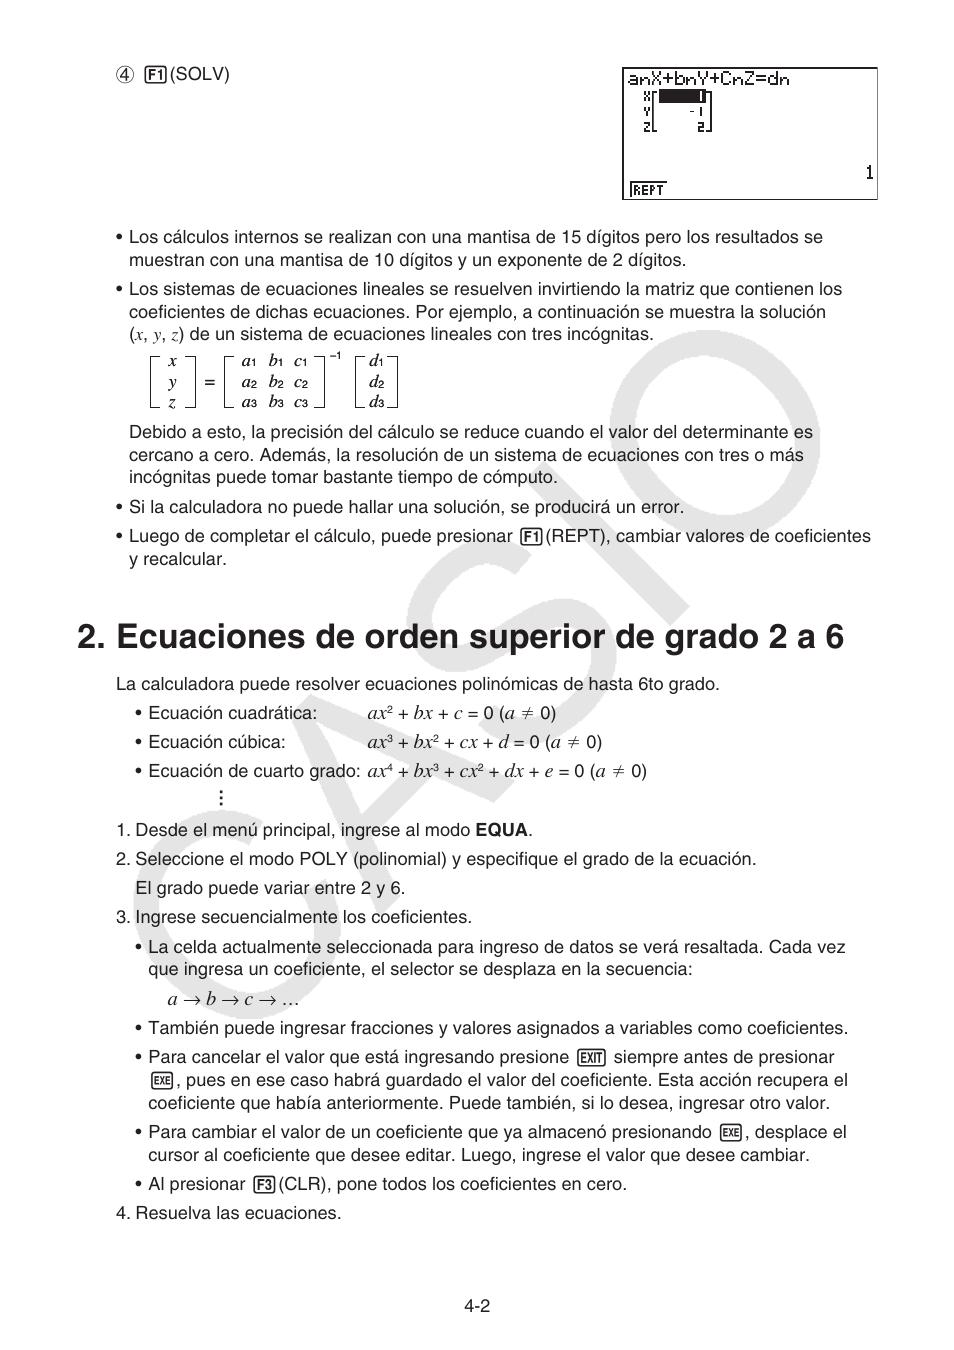 Ecuaciones de orden superior de grado 2 a 6, Ecuaciones de orden ...